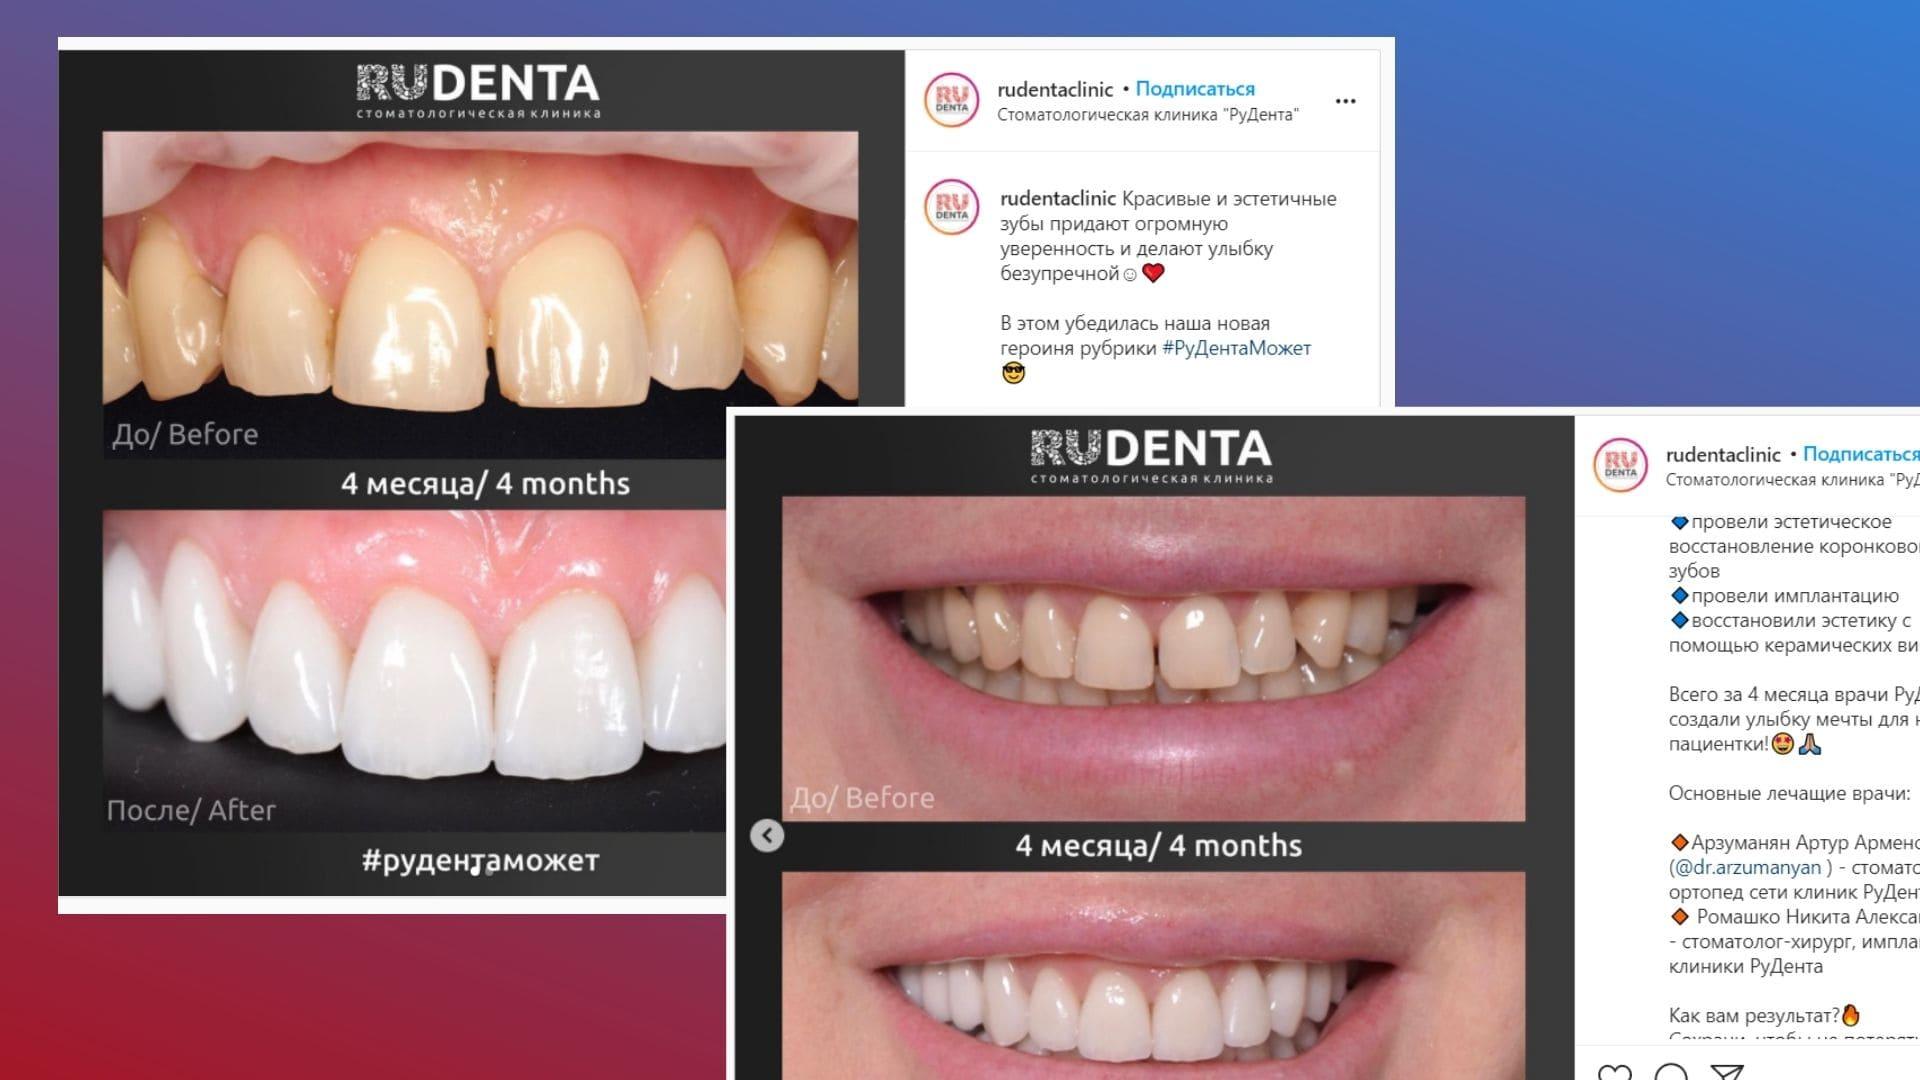 До/после от стоматологии